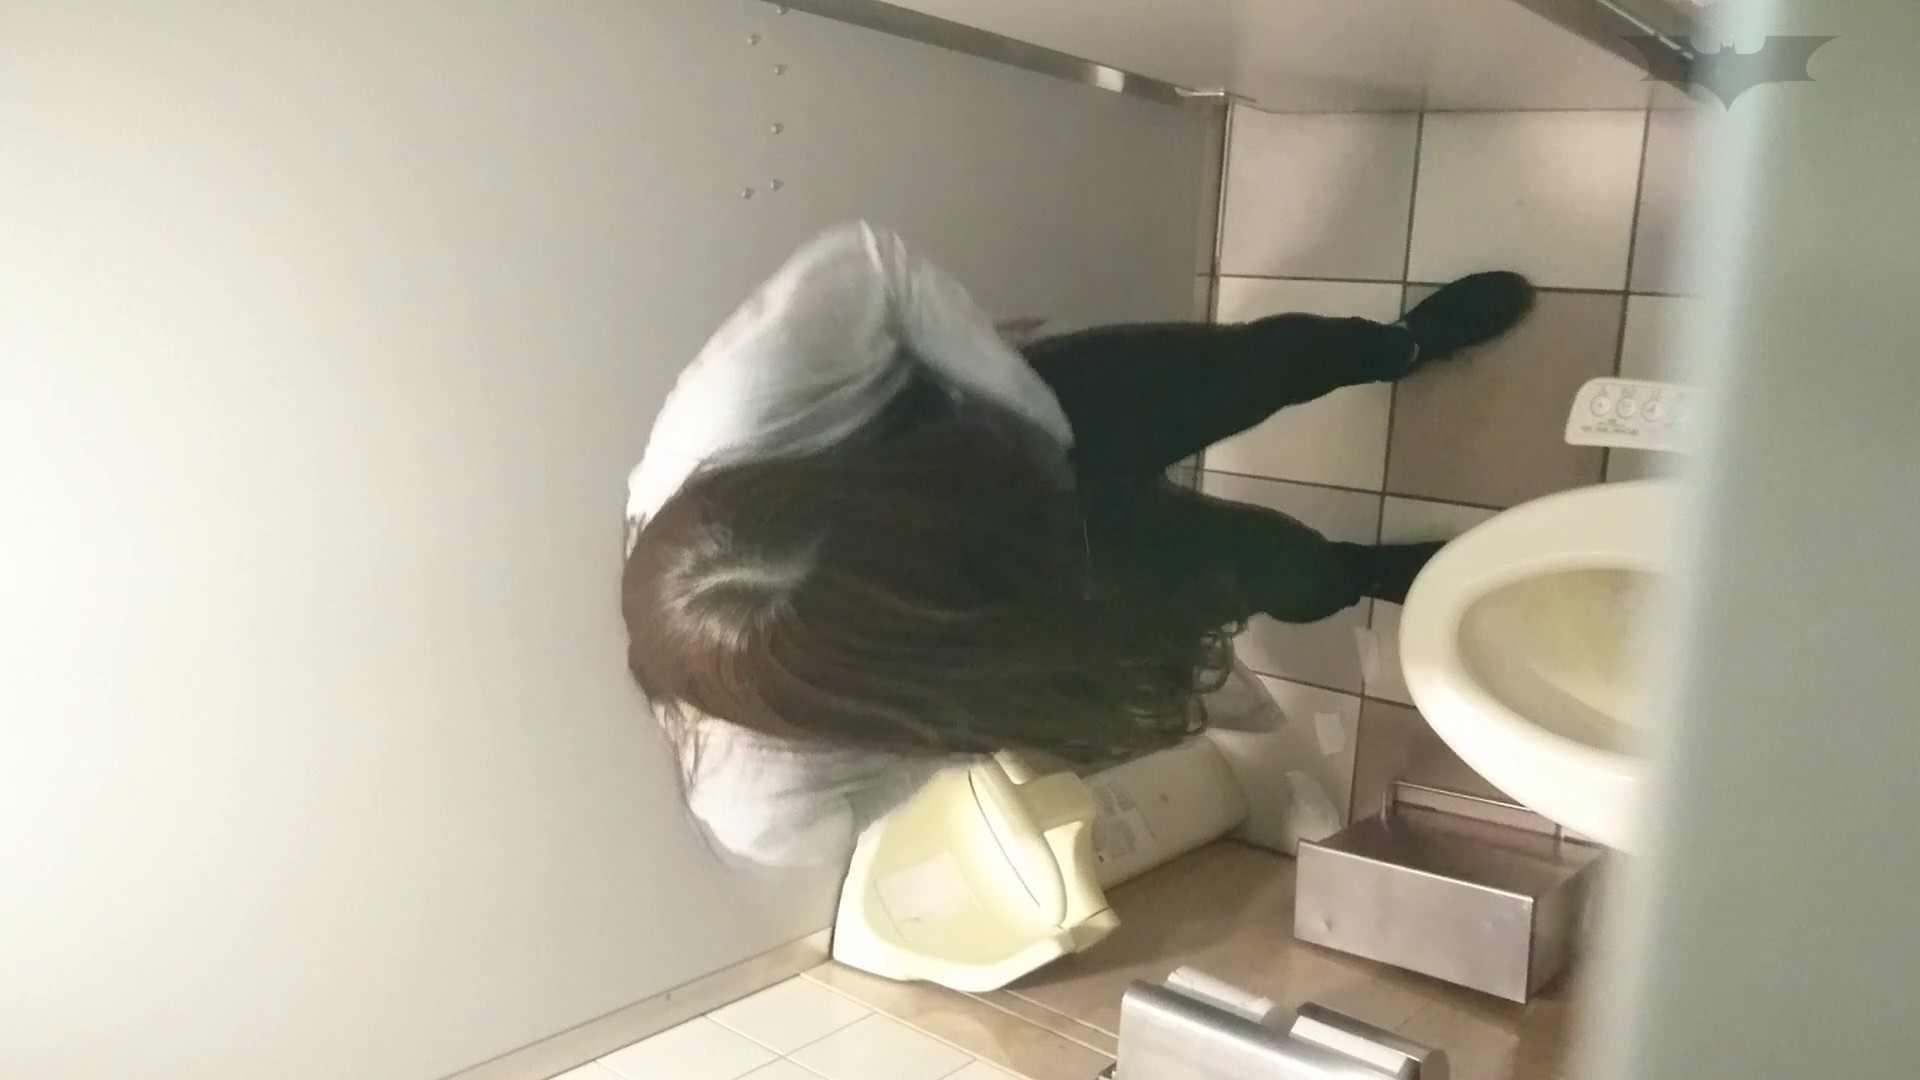 化粧室絵巻 ショッピングモール編 VOL.16 エッチすぎるOL達  16連発 12